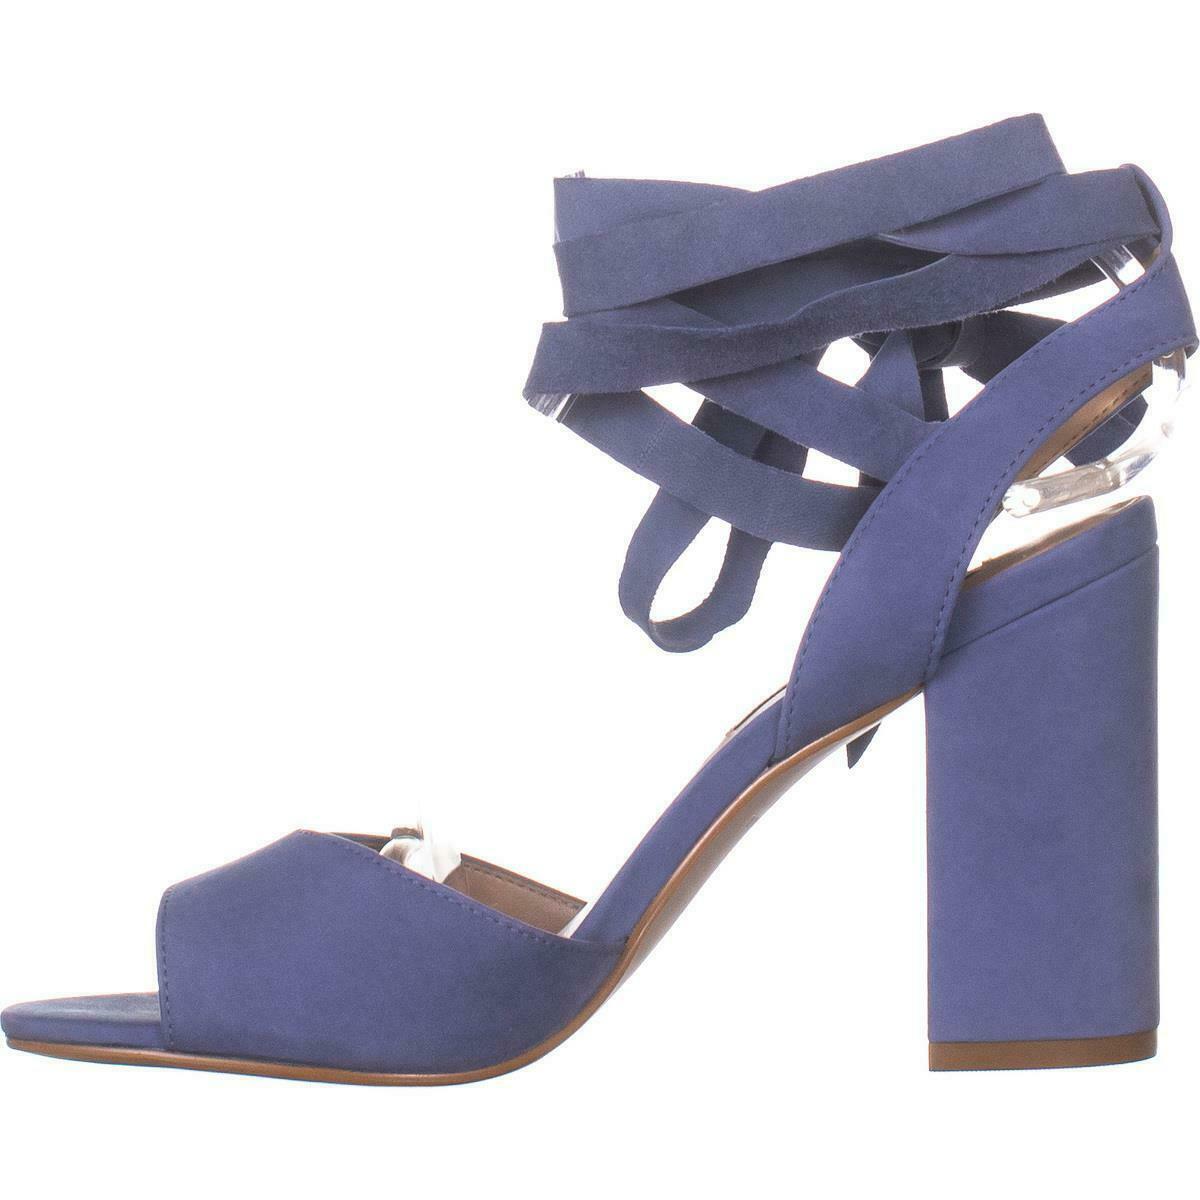 Steve Madden Kenny Ankle Strap Sandals, Blue Nubuck, 6.5 US image 3